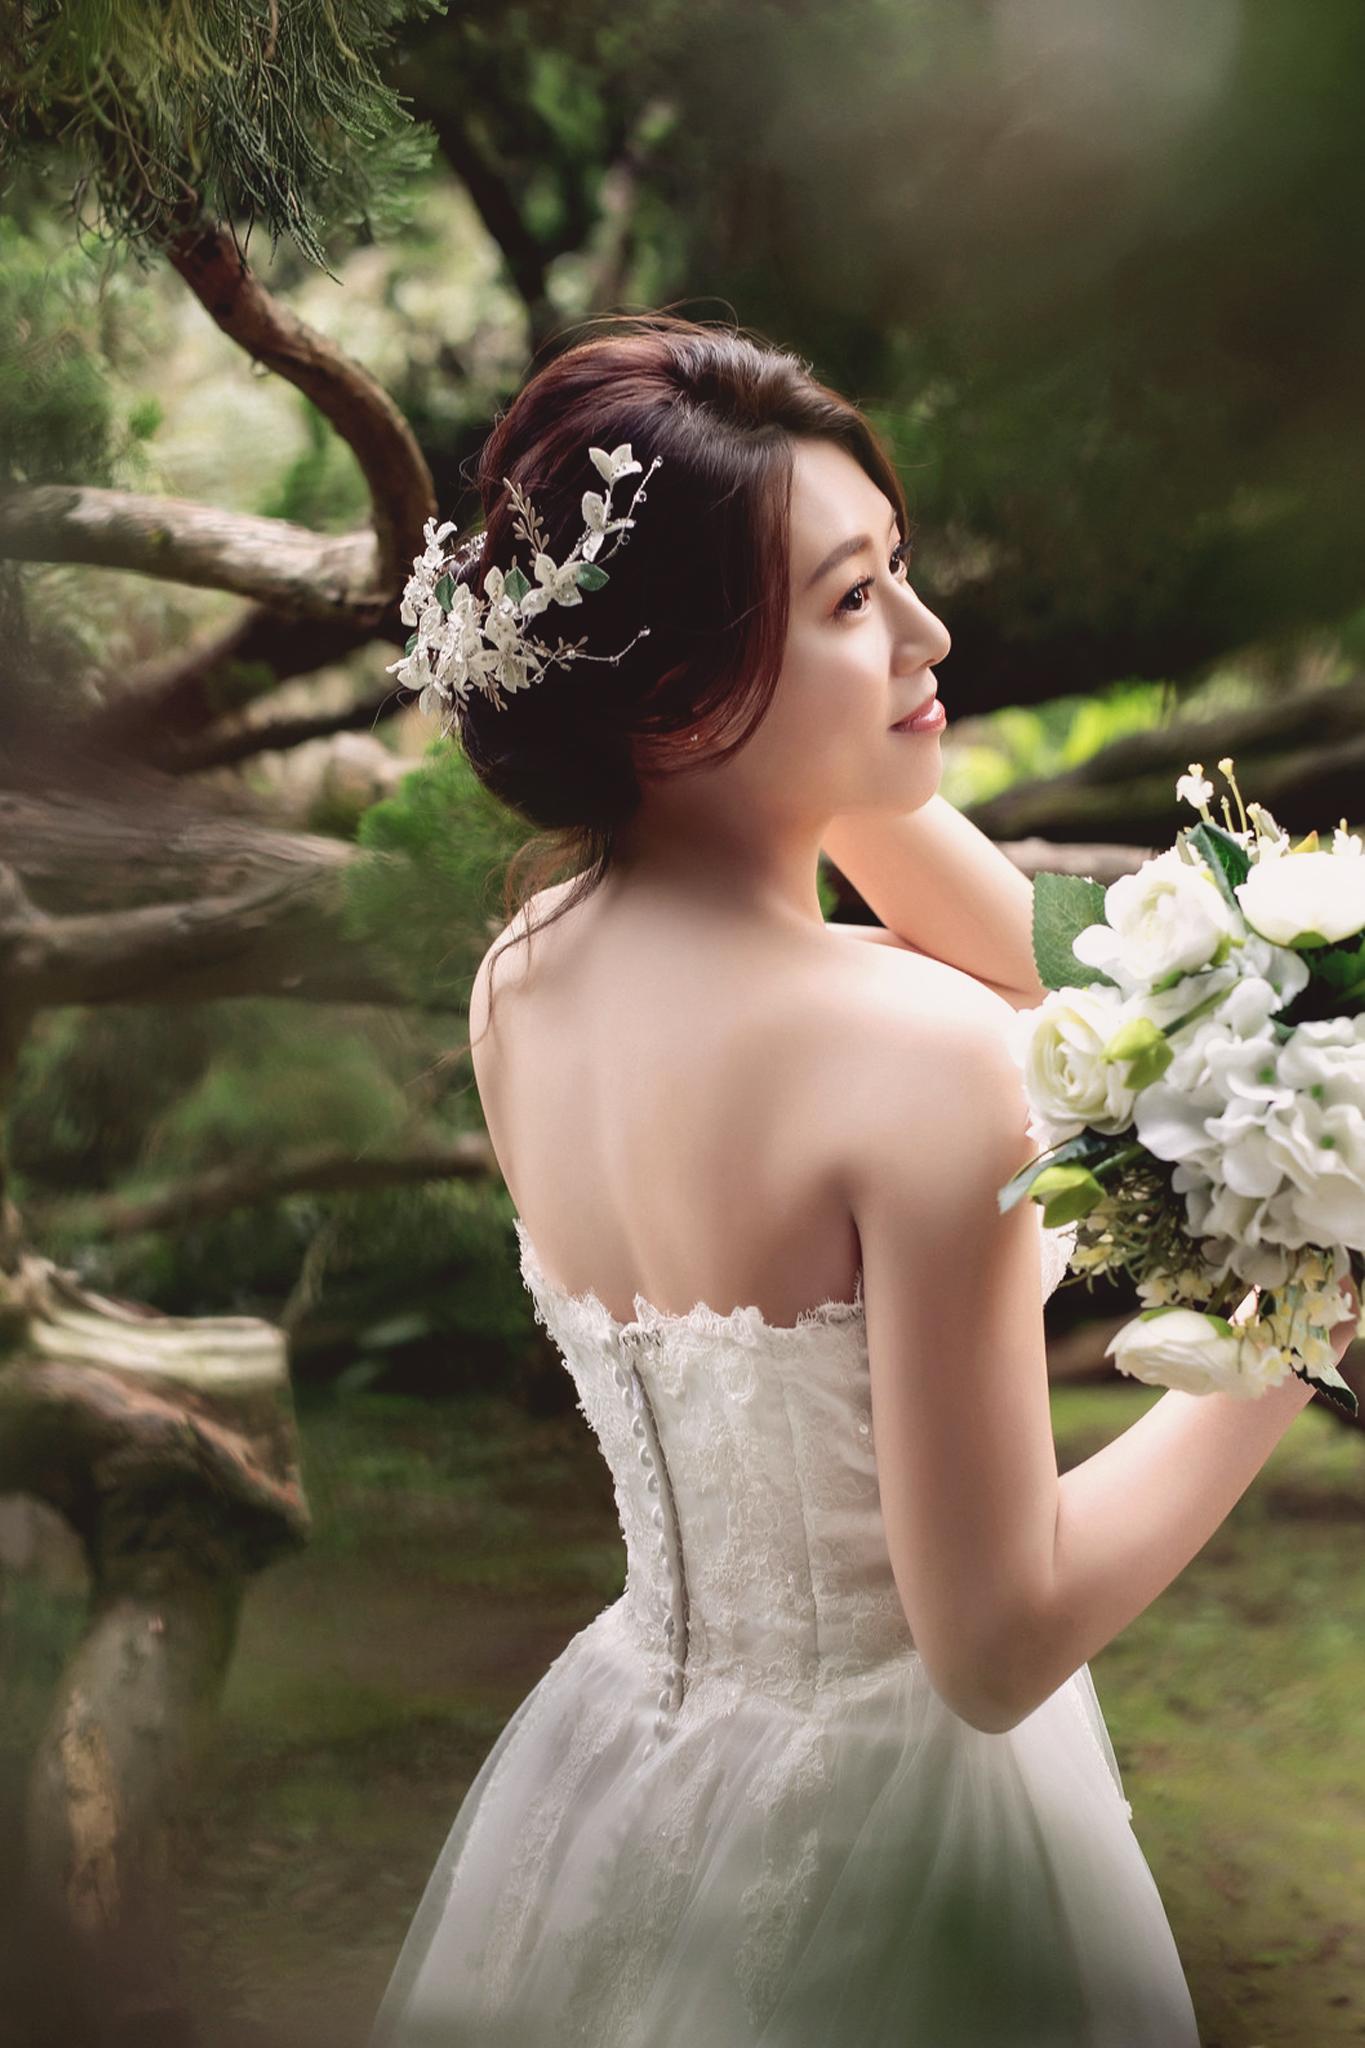 繡球花婚紗,婚紗攝影,陽明山繡球花,自助婚紗,婚紗工作室,婚紗攝影,appleface婚攝,臉紅紅婚攝